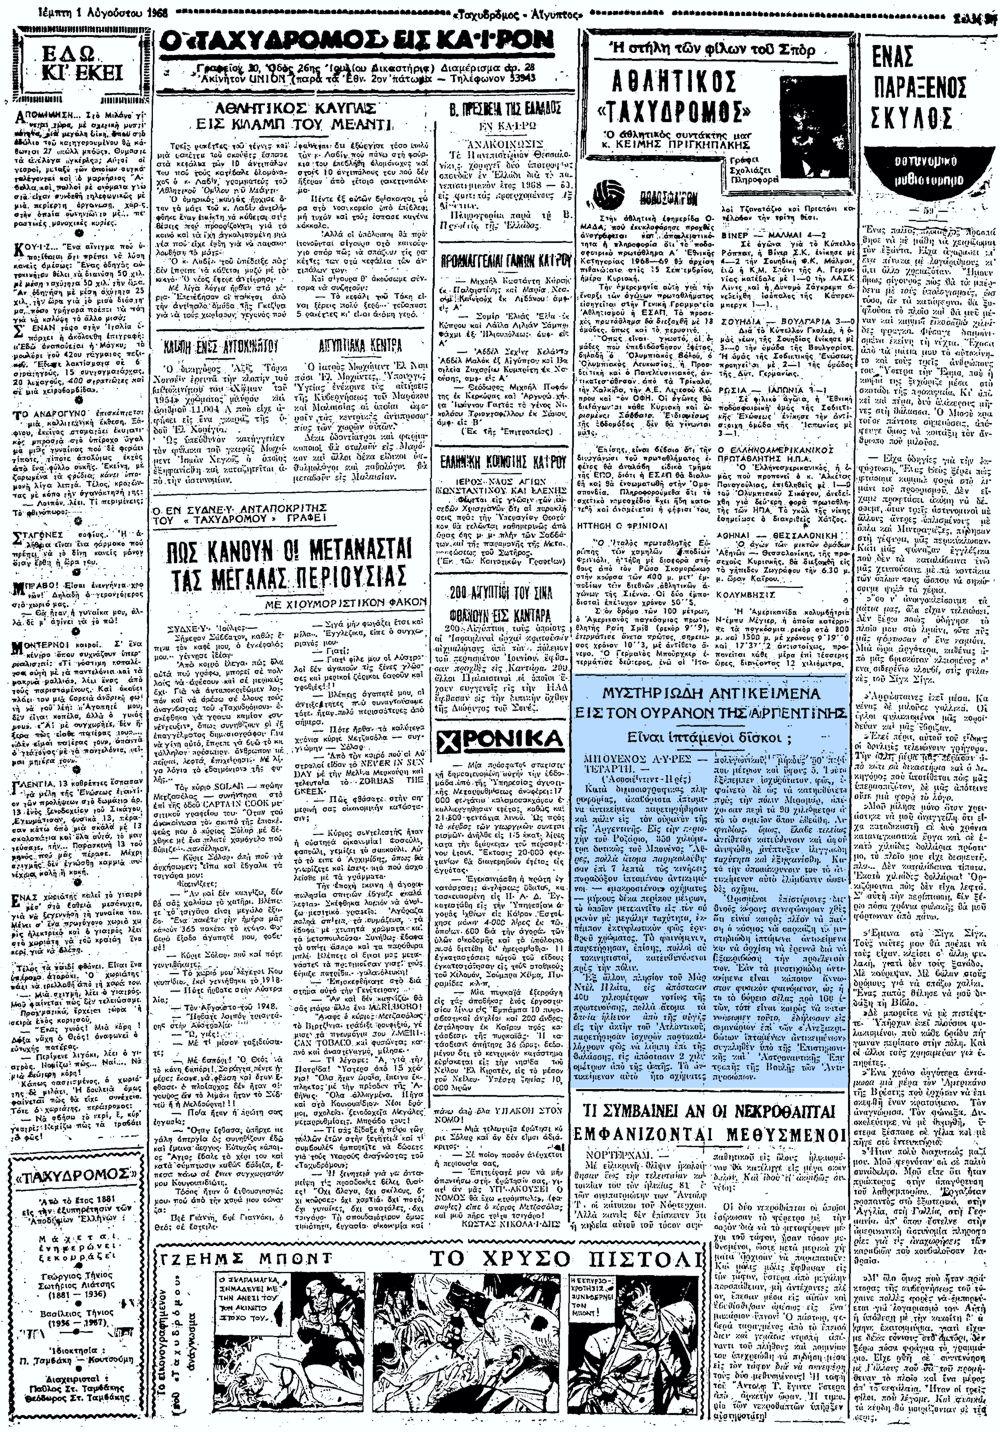 """Το άρθρο, όπως δημοσιεύθηκε στην εφημερίδα """"ΤΑΧΥΔΡΟΜΟΣ"""", στις 01/08/1968"""